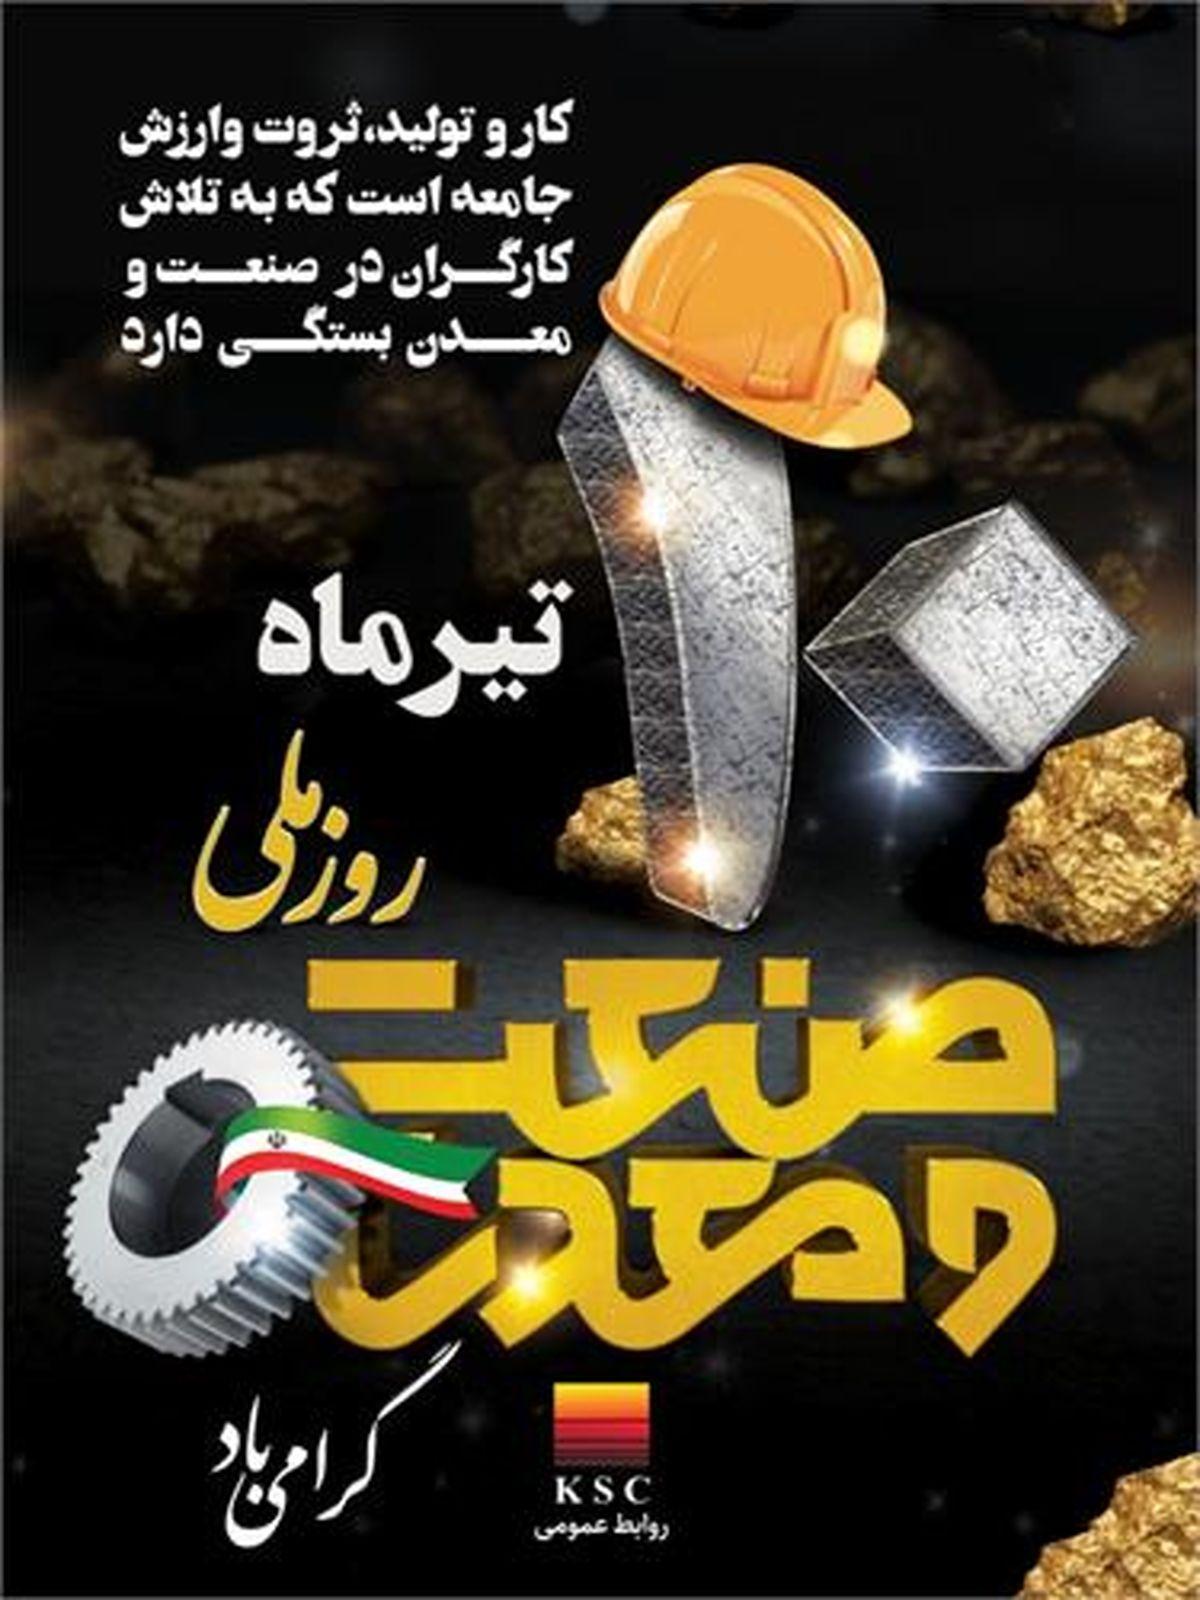 پیام مدیر عامل فولاد خوزستان به مناسبت روز صنعت و معدن